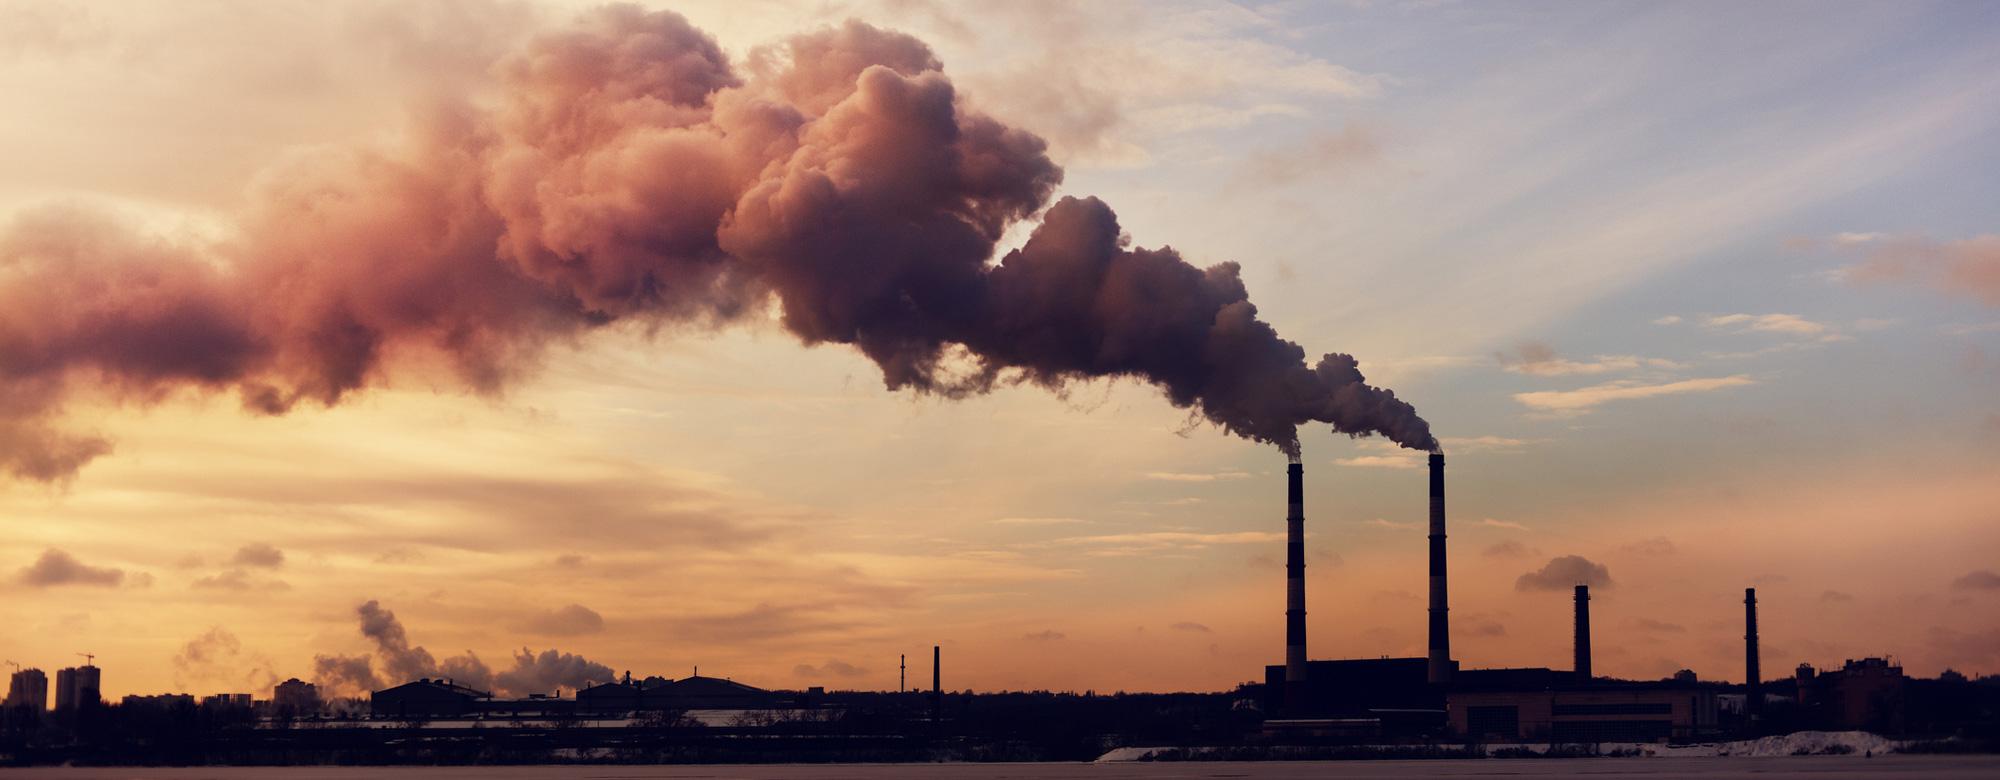 Autorizzazione Integrata Ambientale (AIA) - Nuovo applicativo per la presentazione delle istanze - Utilizzo non vincolante